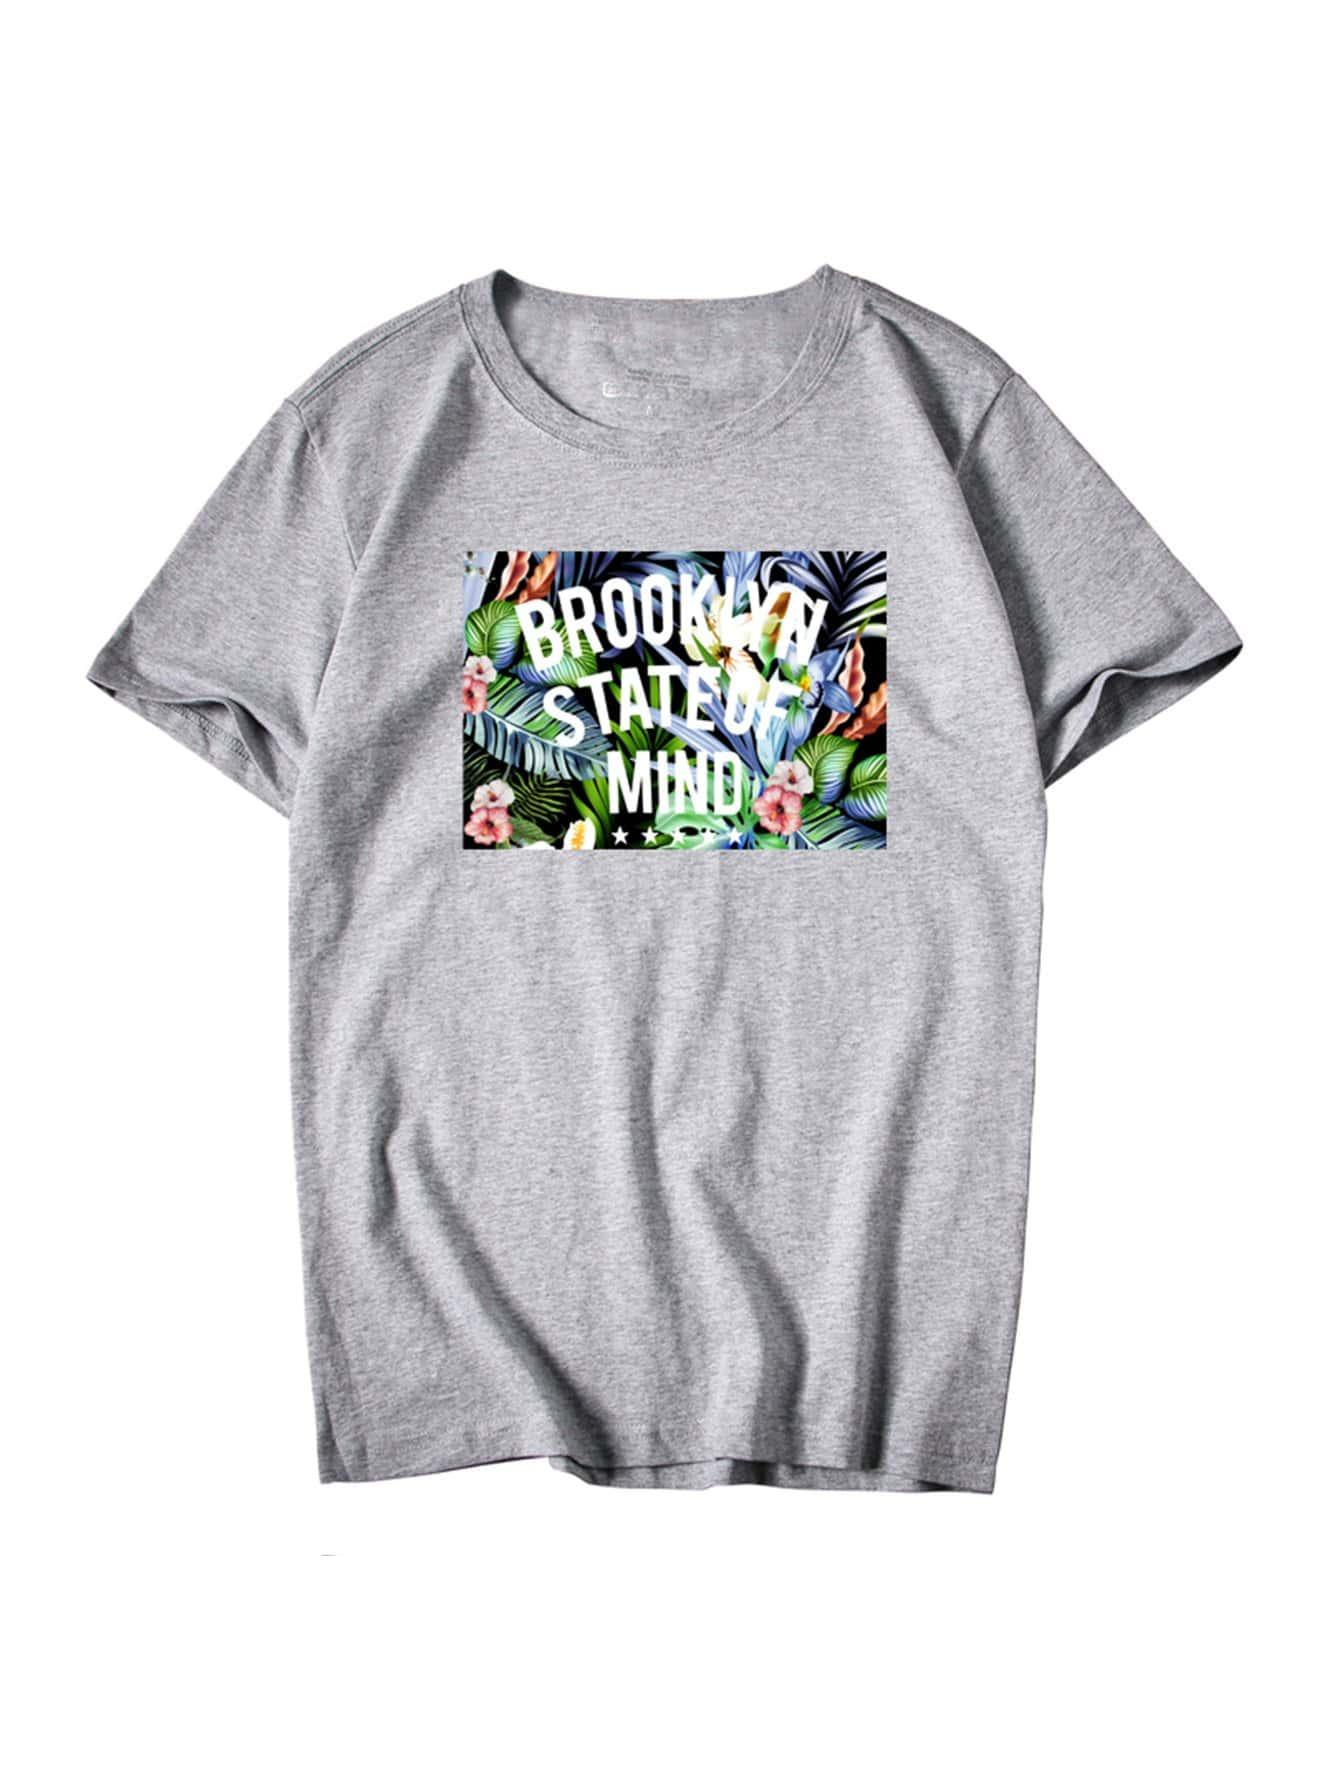 Купить Ситцевая футболка и с рисунками буквы для мужчины, null, SheIn